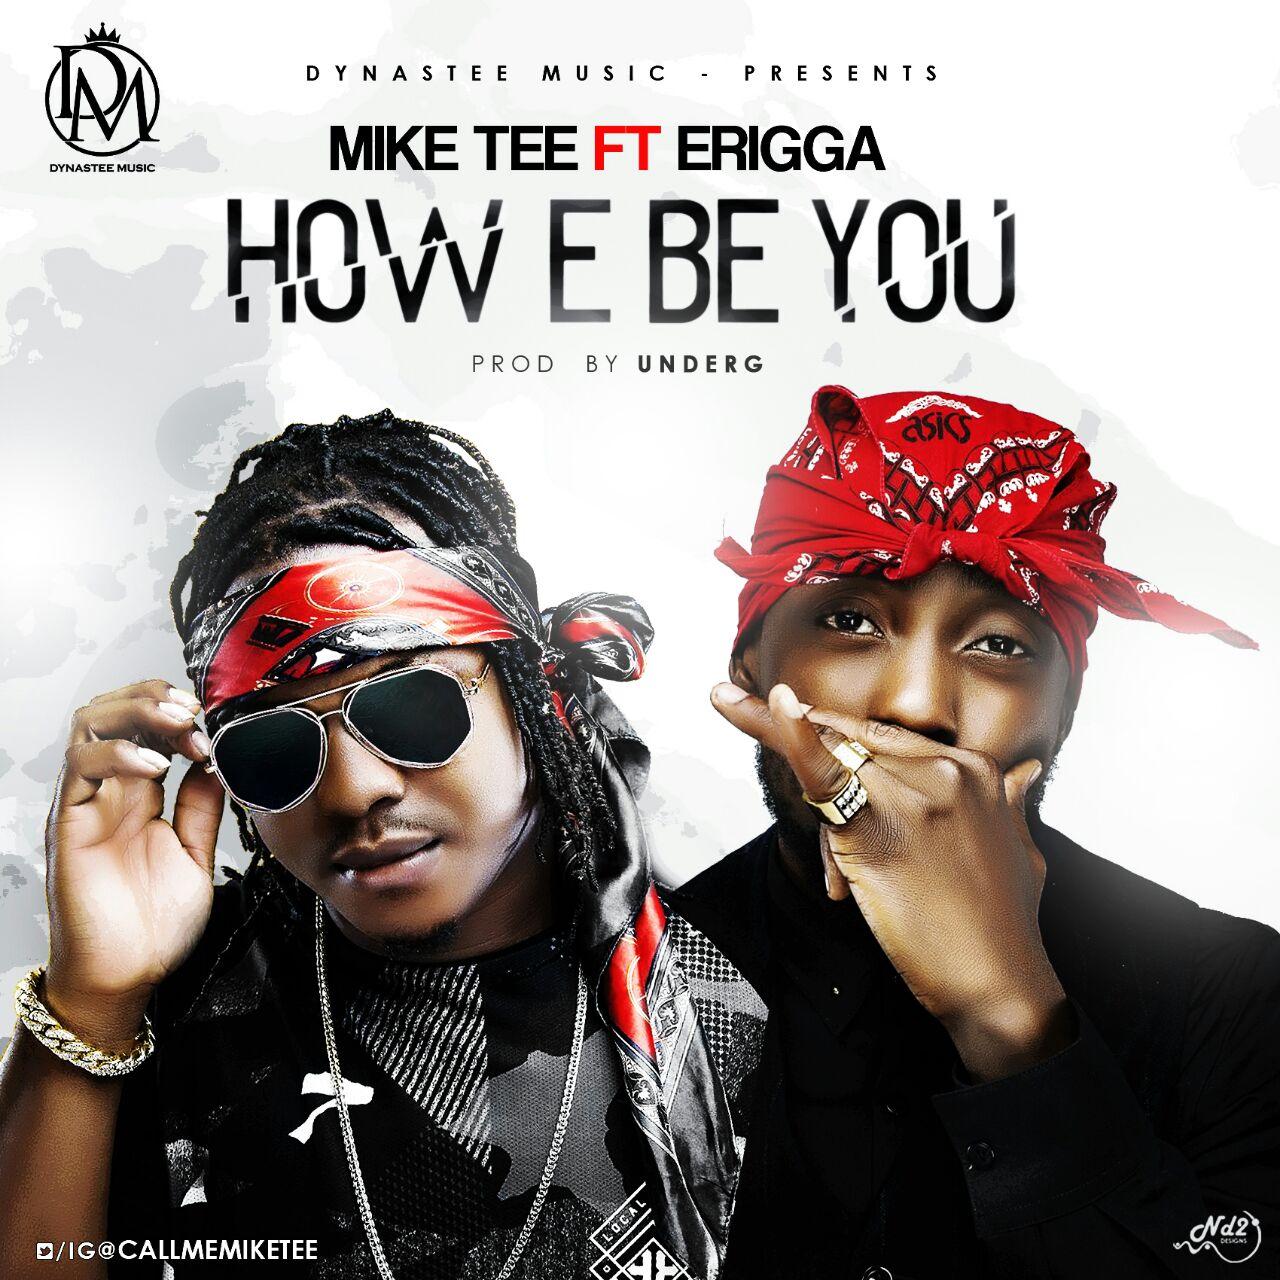 Mike Tee ft. Erigga – How E Be You